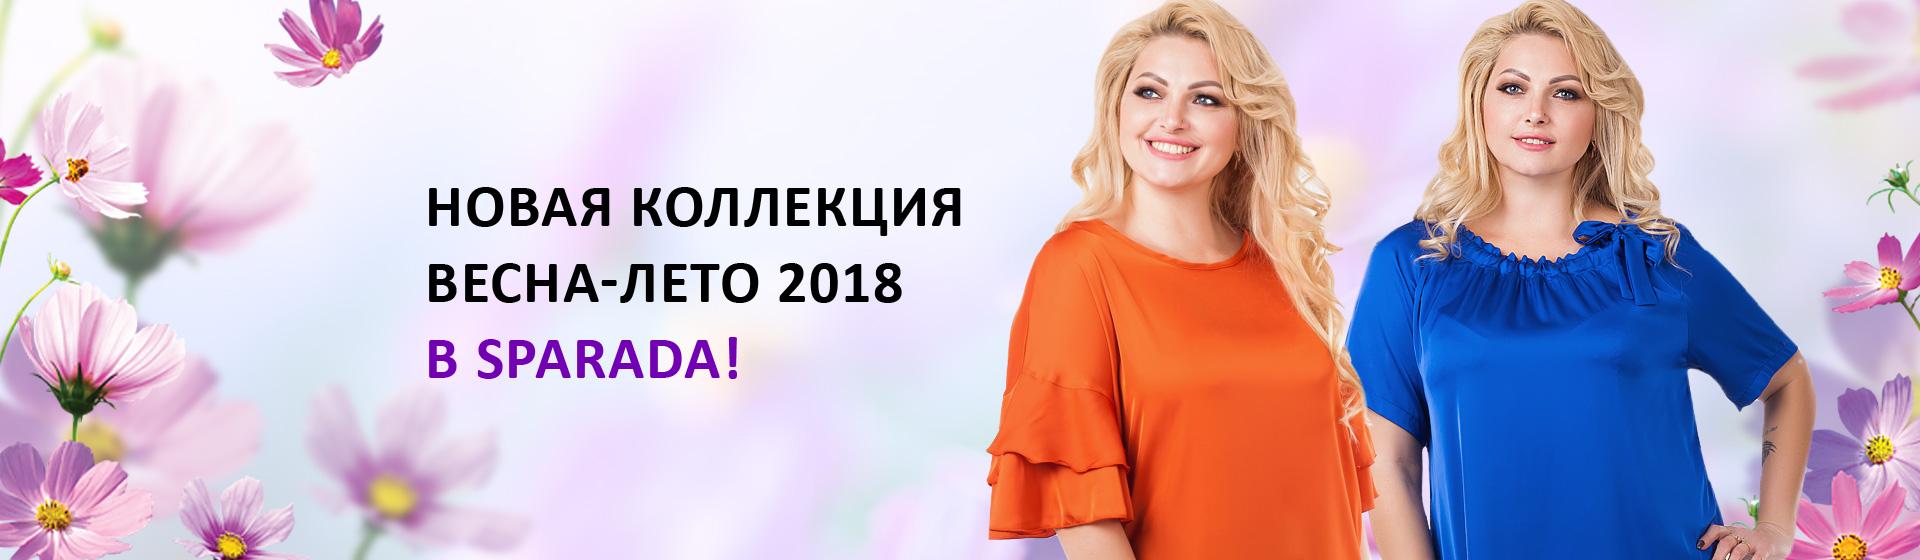 весна-лето 2018